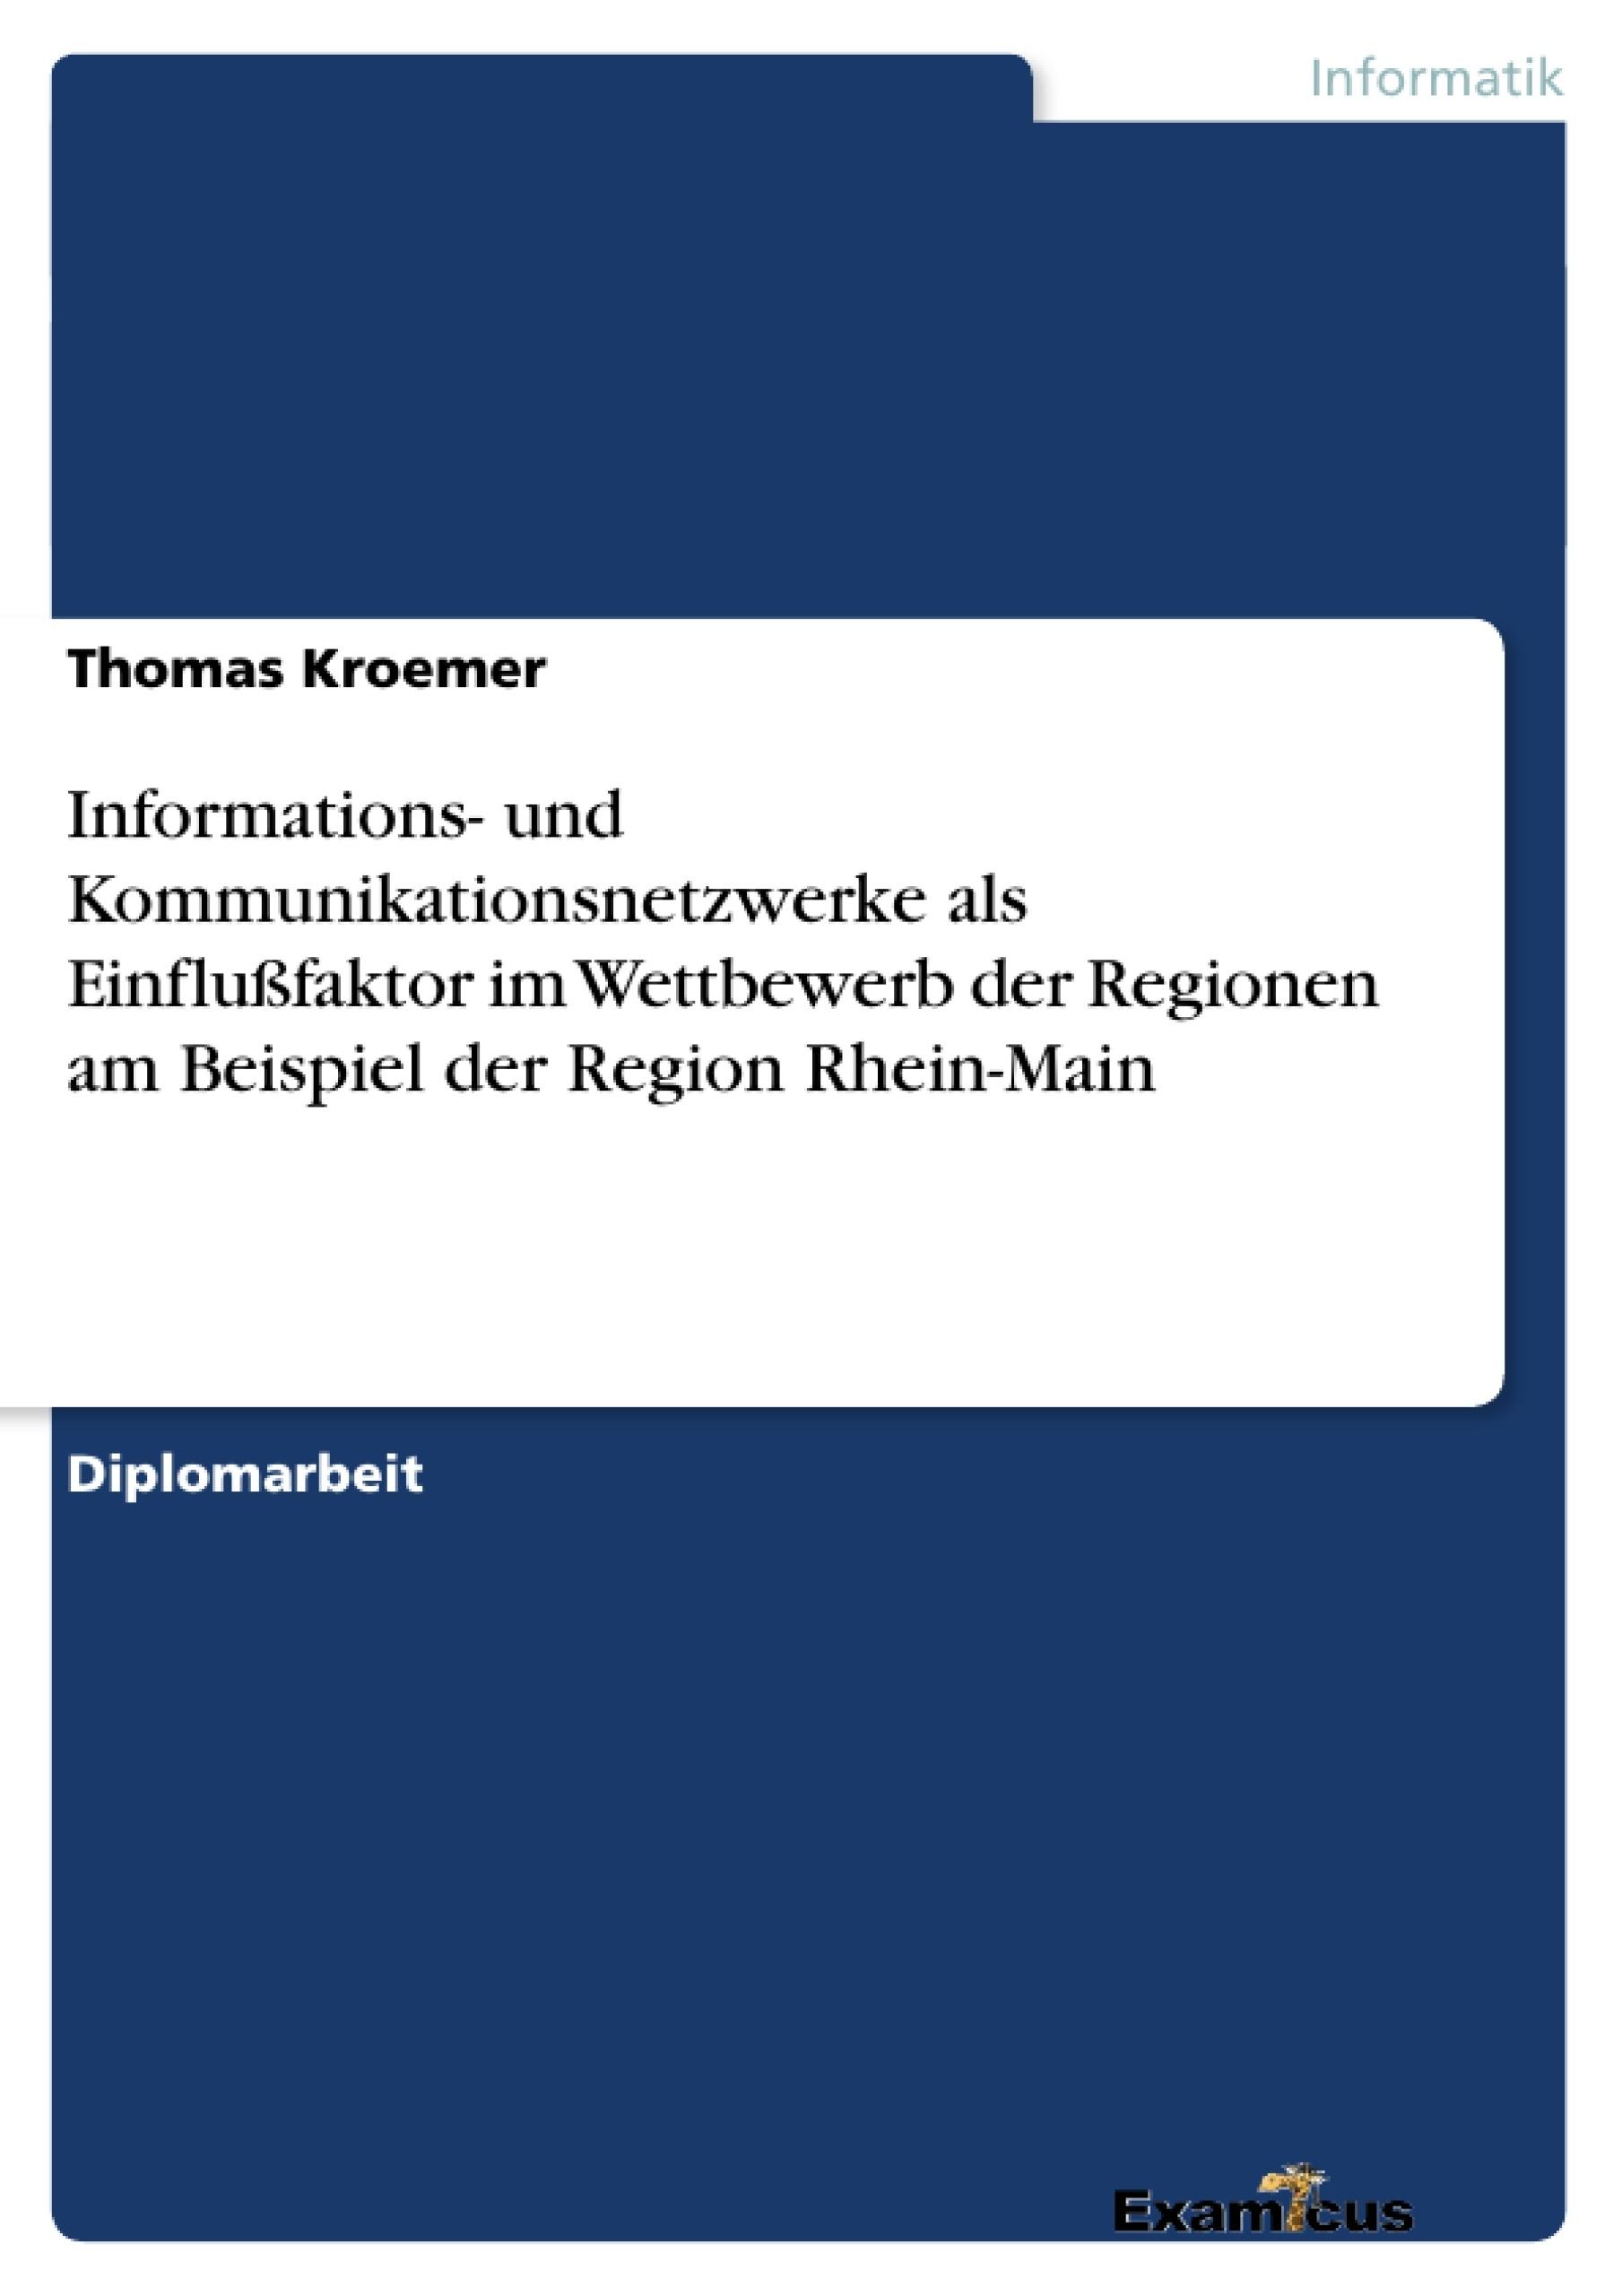 Titel: Informations- und Kommunikationsnetzwerke als Einflußfaktor im Wettbewerb der Regionen am Beispiel der Region Rhein-Main